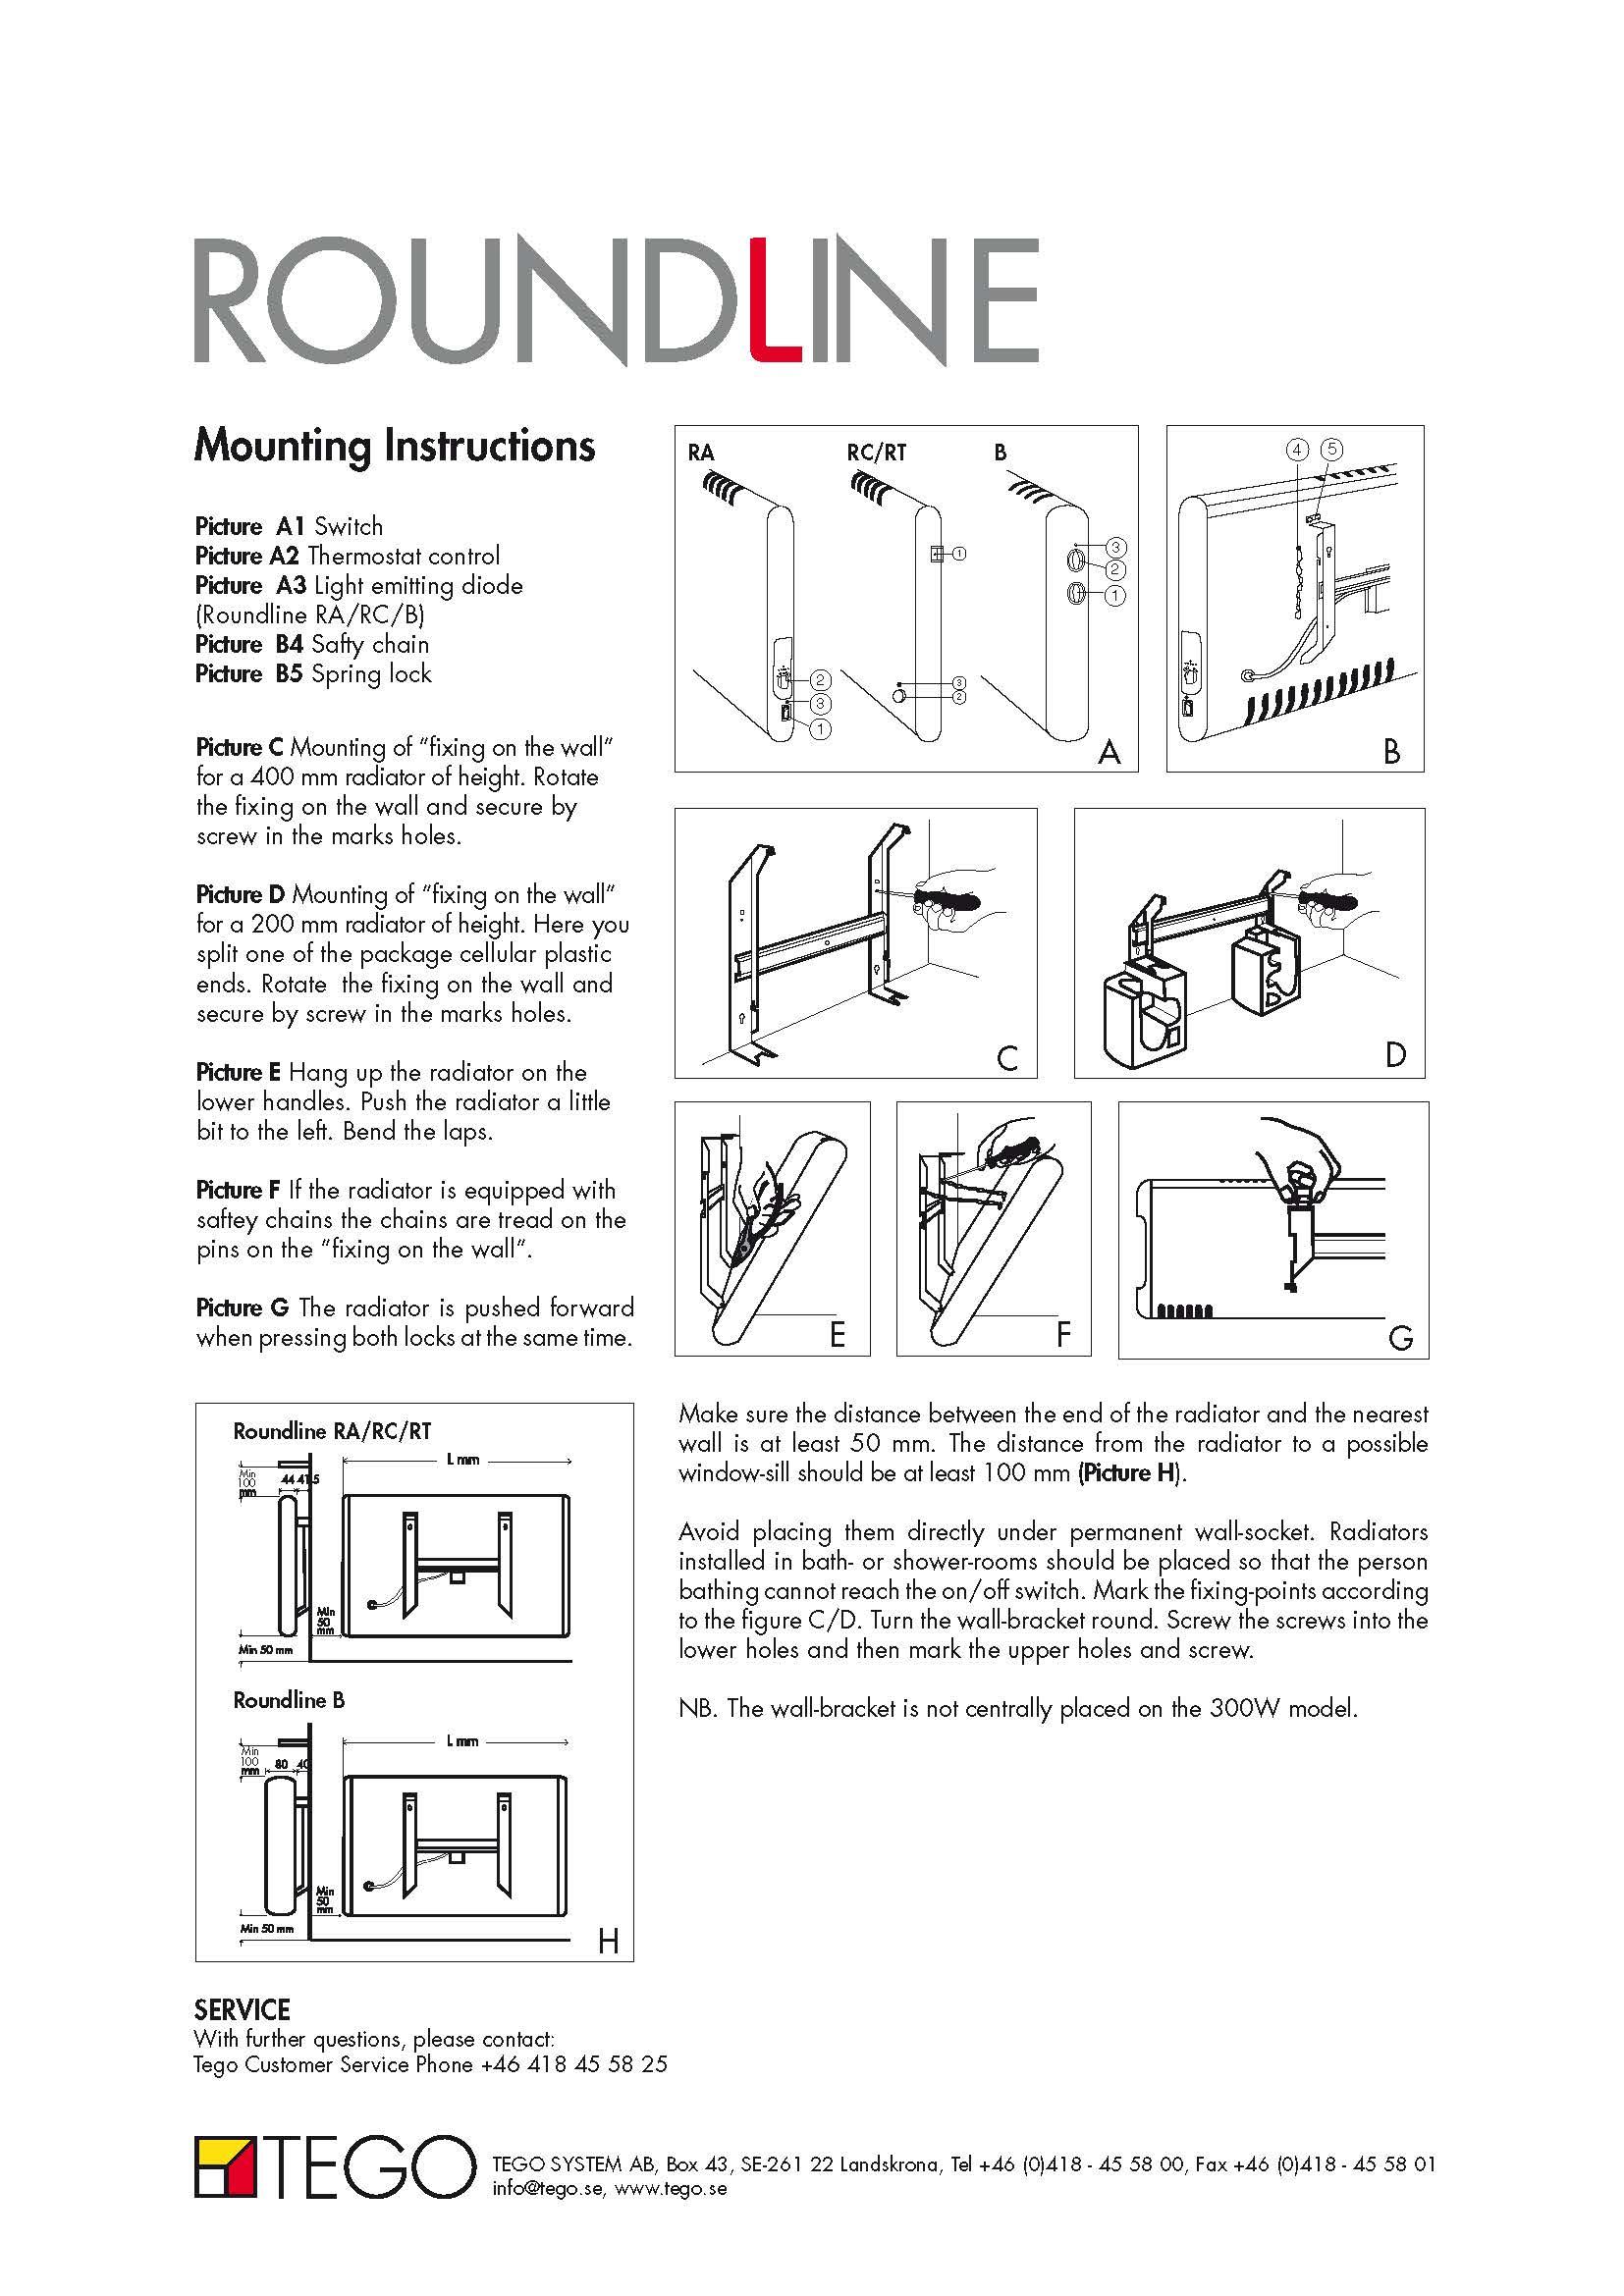 roundline manuals brochures tego se rh tego se